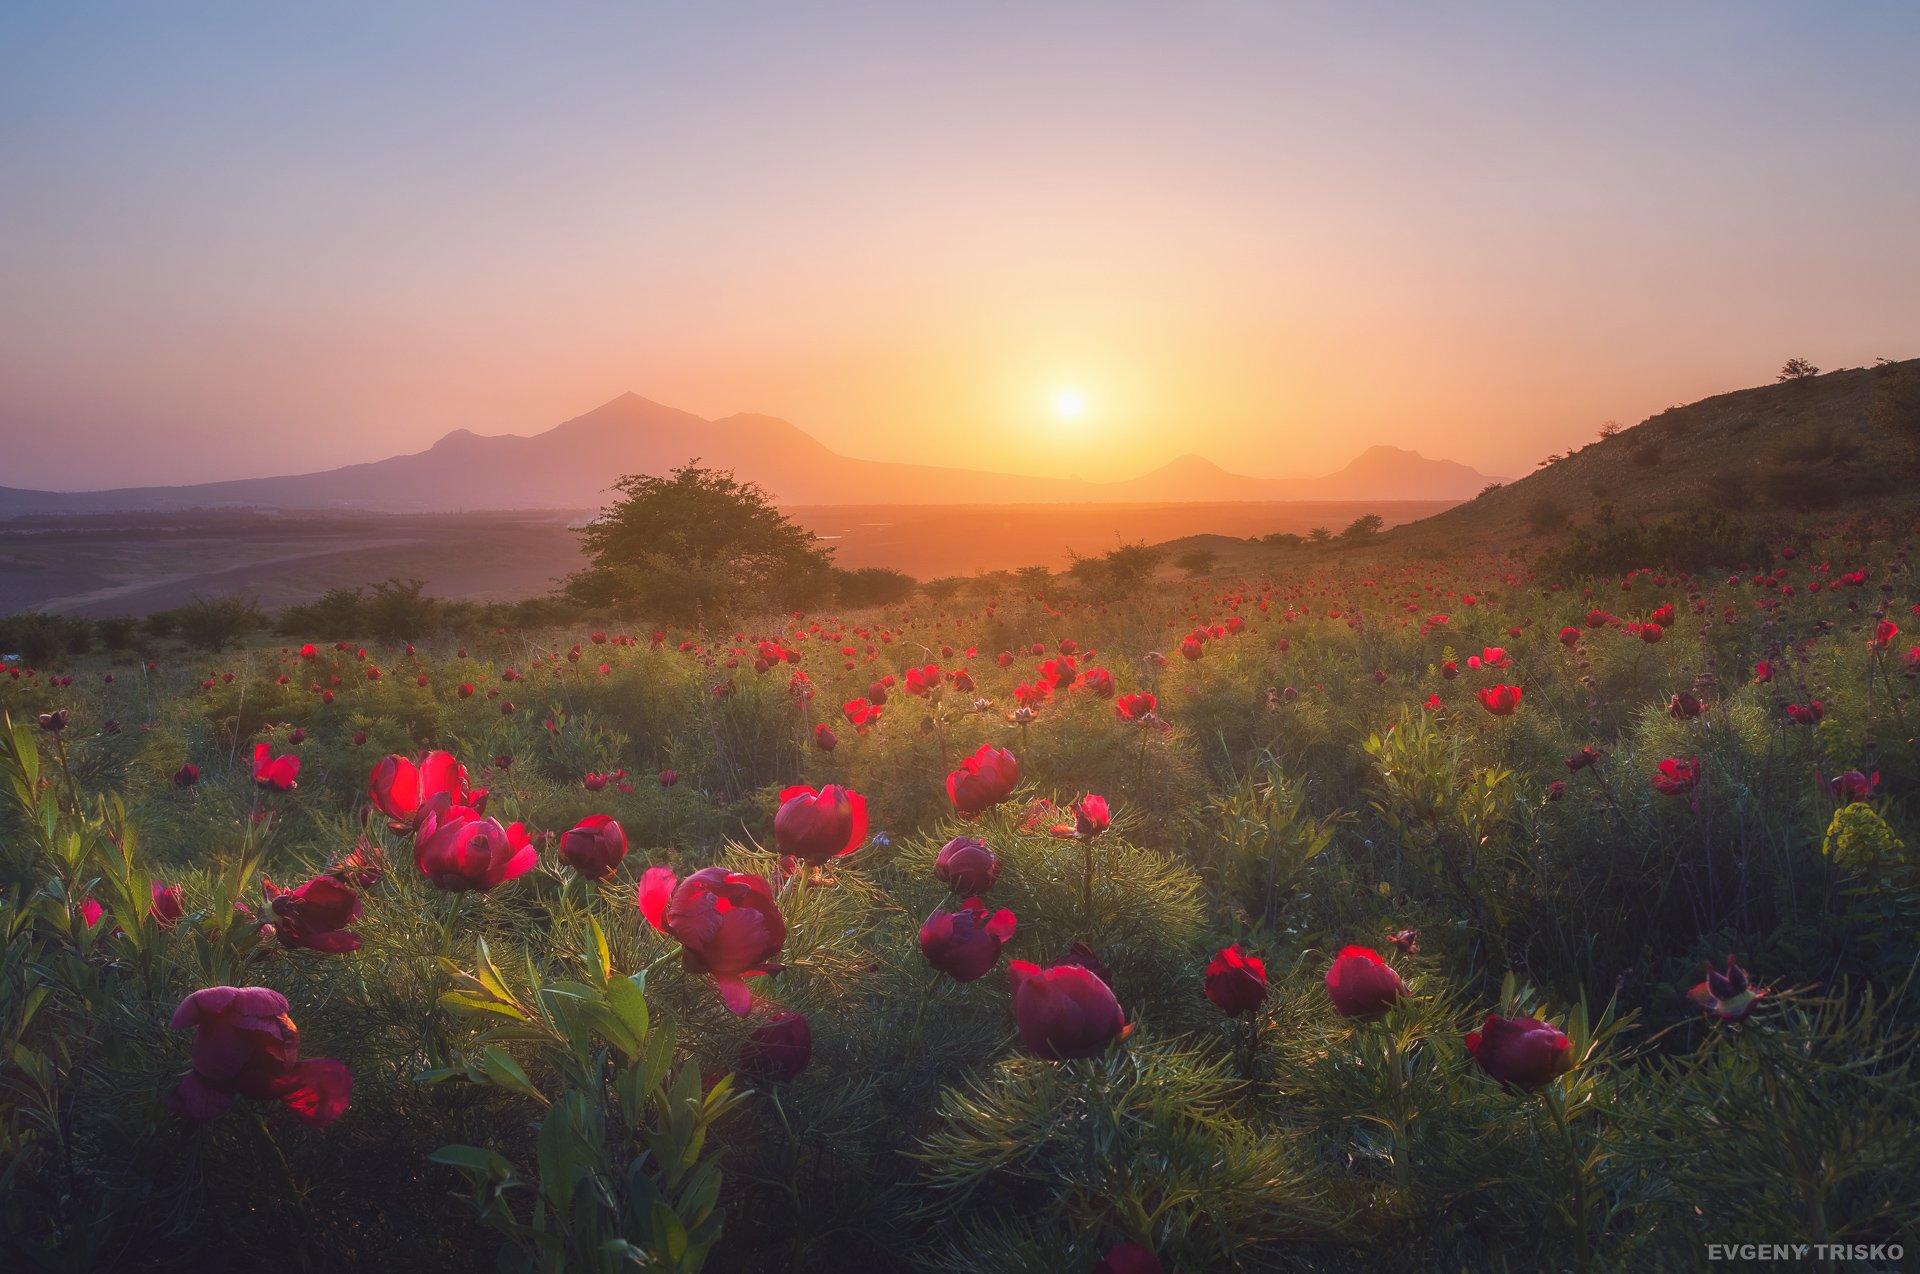 закат, рассвет, пейзаж, цветы, пионы, пятигорск, горы,, Евгений Триско